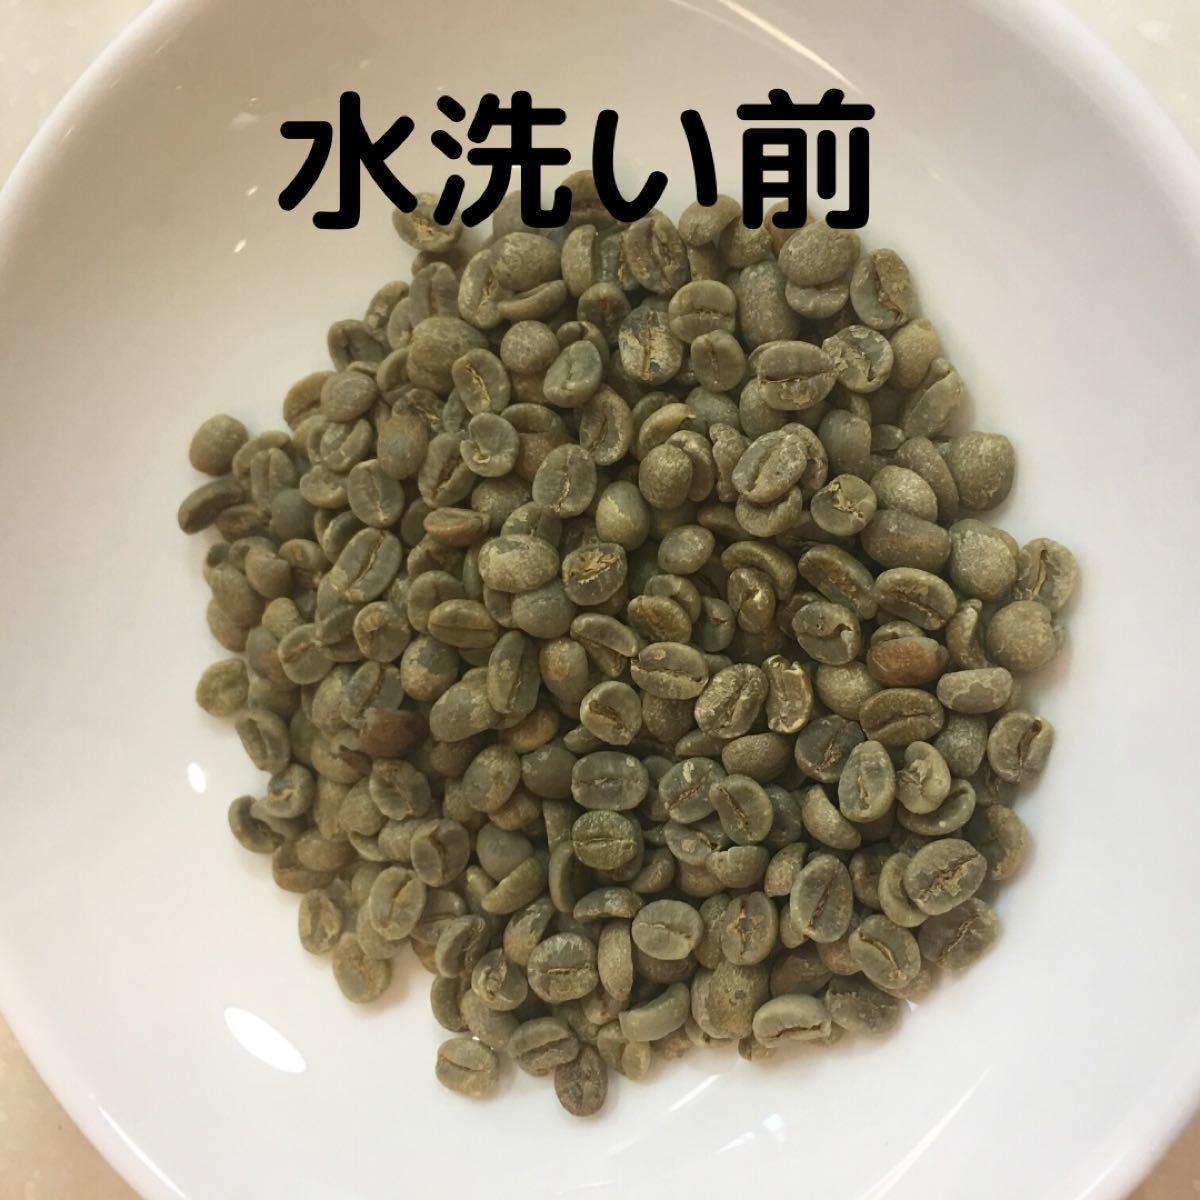 トミオフクダ ドライオンツリー、ゲイシャゲレザG3、150gずつ豆又は粉